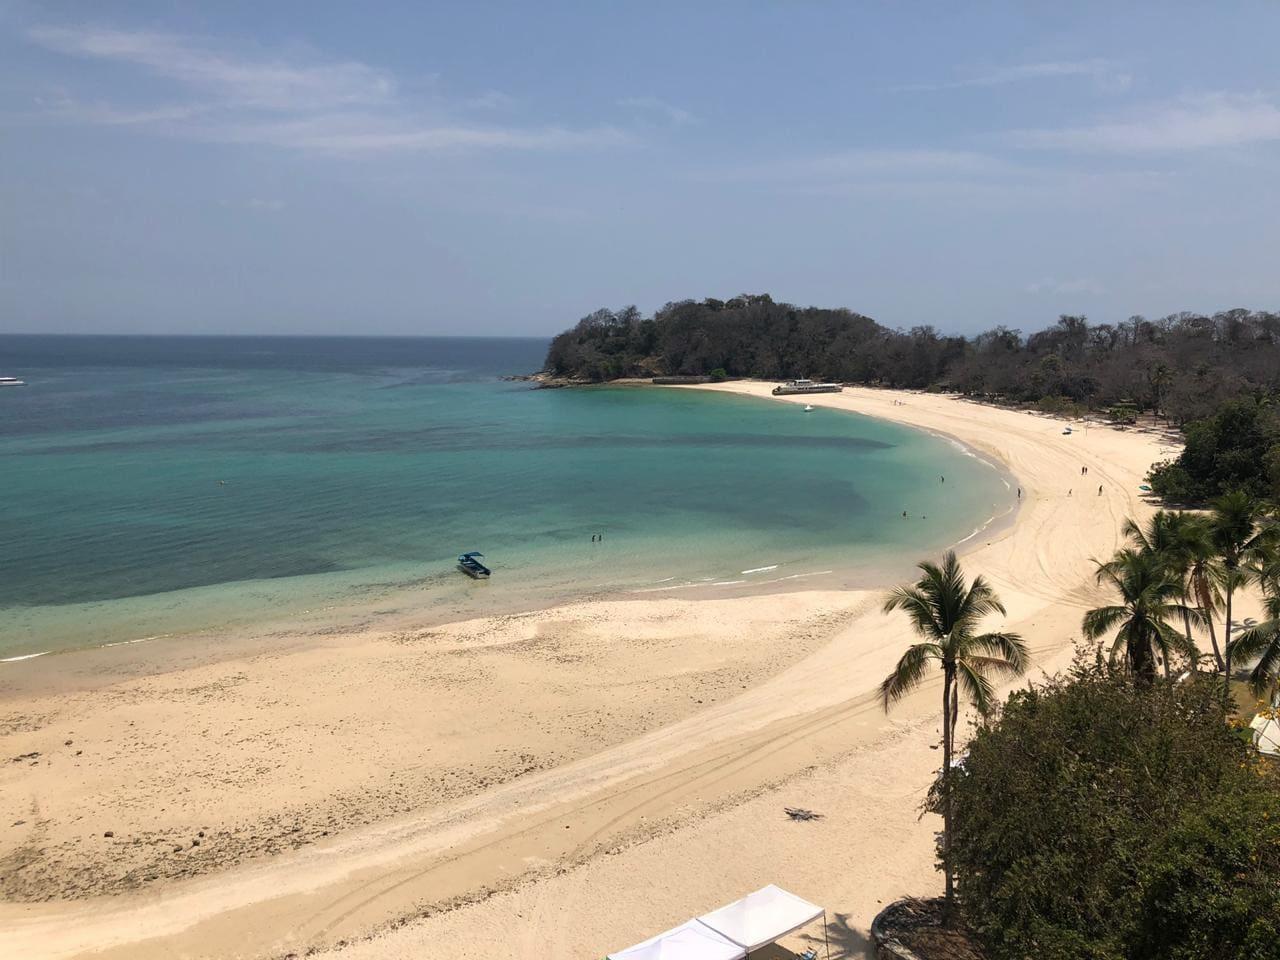 A pié de playa Vista desde la terraza de la playa larga. Le gusta una playa casi solitaria para Vd y su familia? Venga a disfrutarla. Aguas limpias, color turquesa.